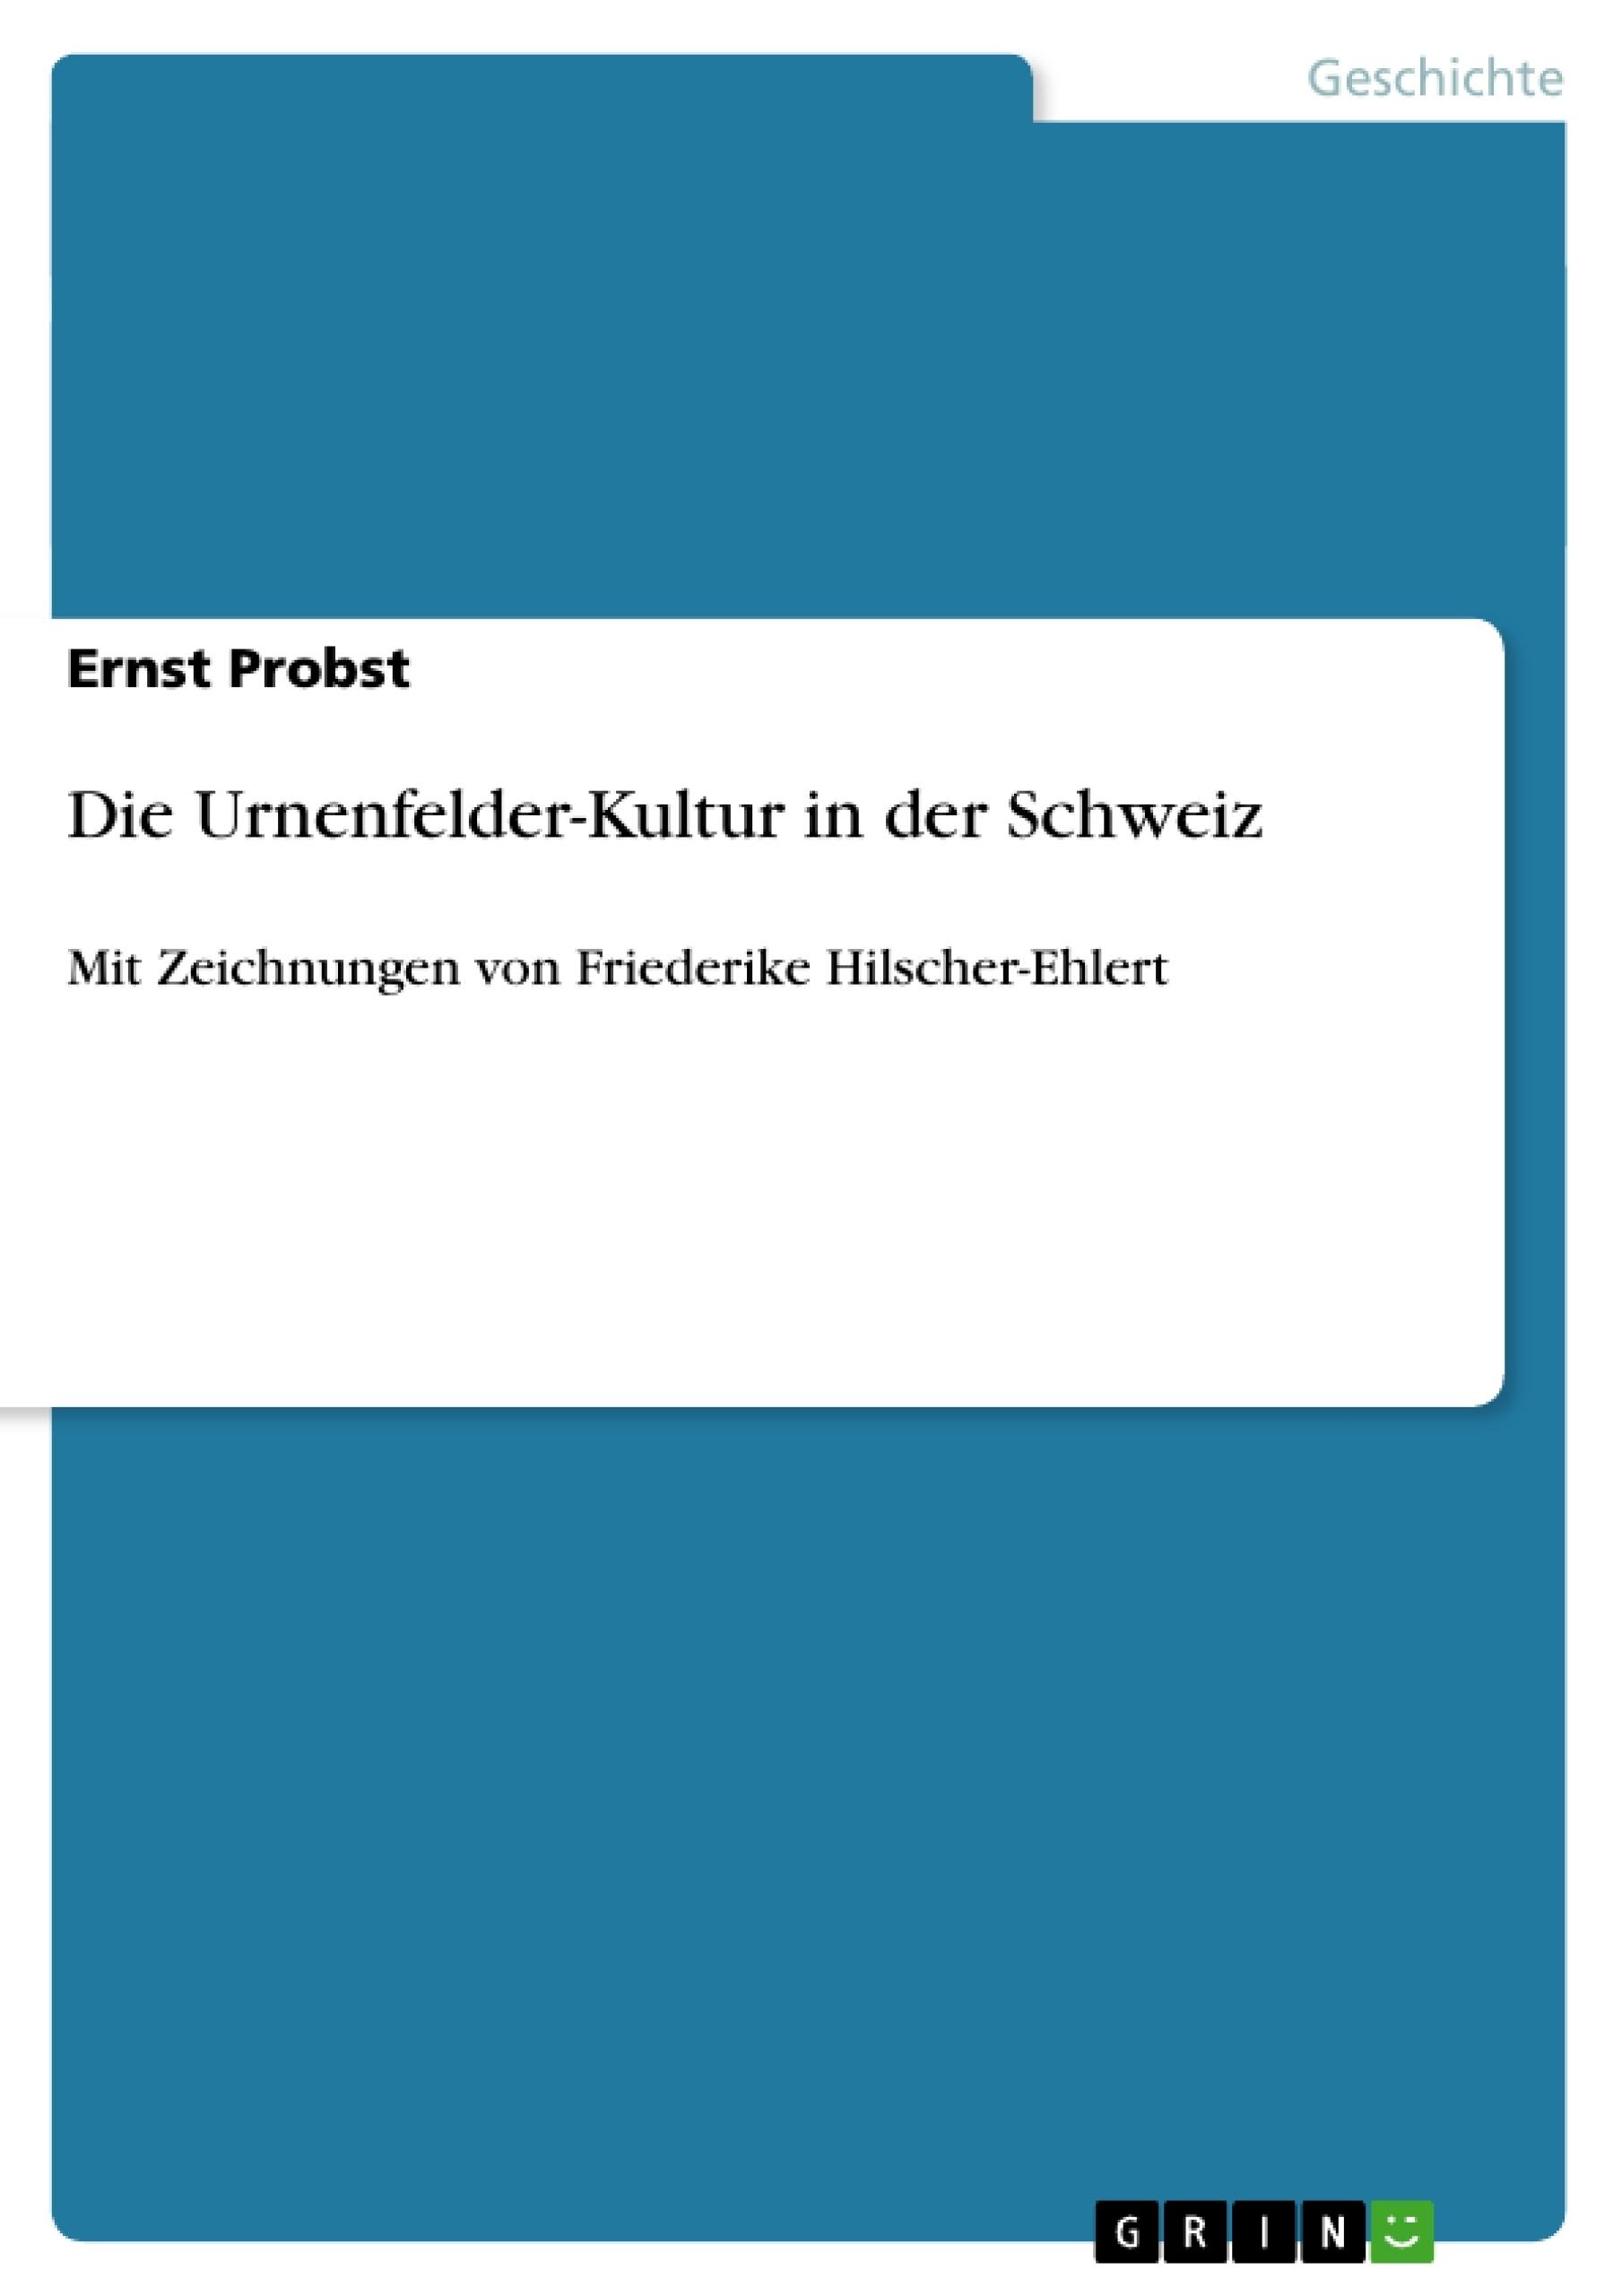 Titel: Die Urnenfelder-Kultur in der Schweiz